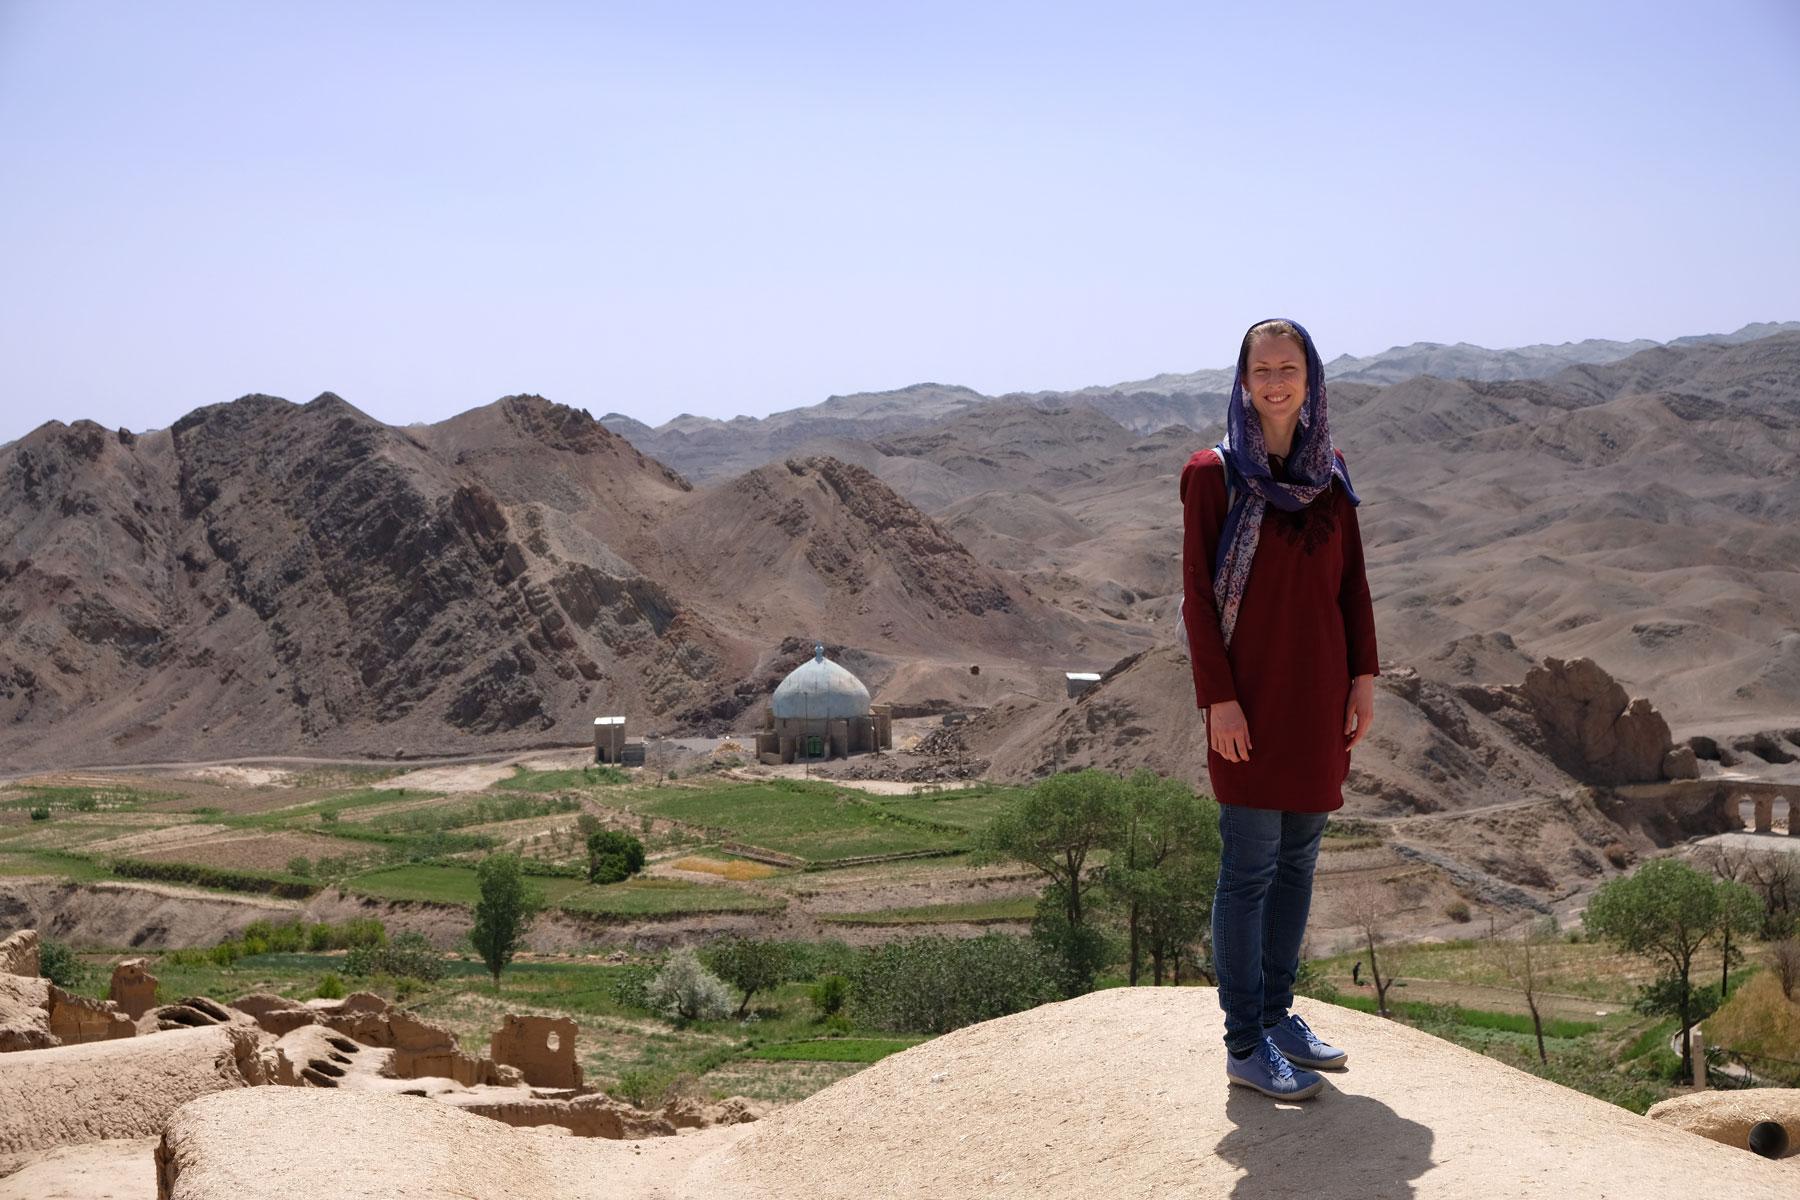 Vom Dorf aus hat man einen tollen Blick auf die umliegenden Felder und Berge